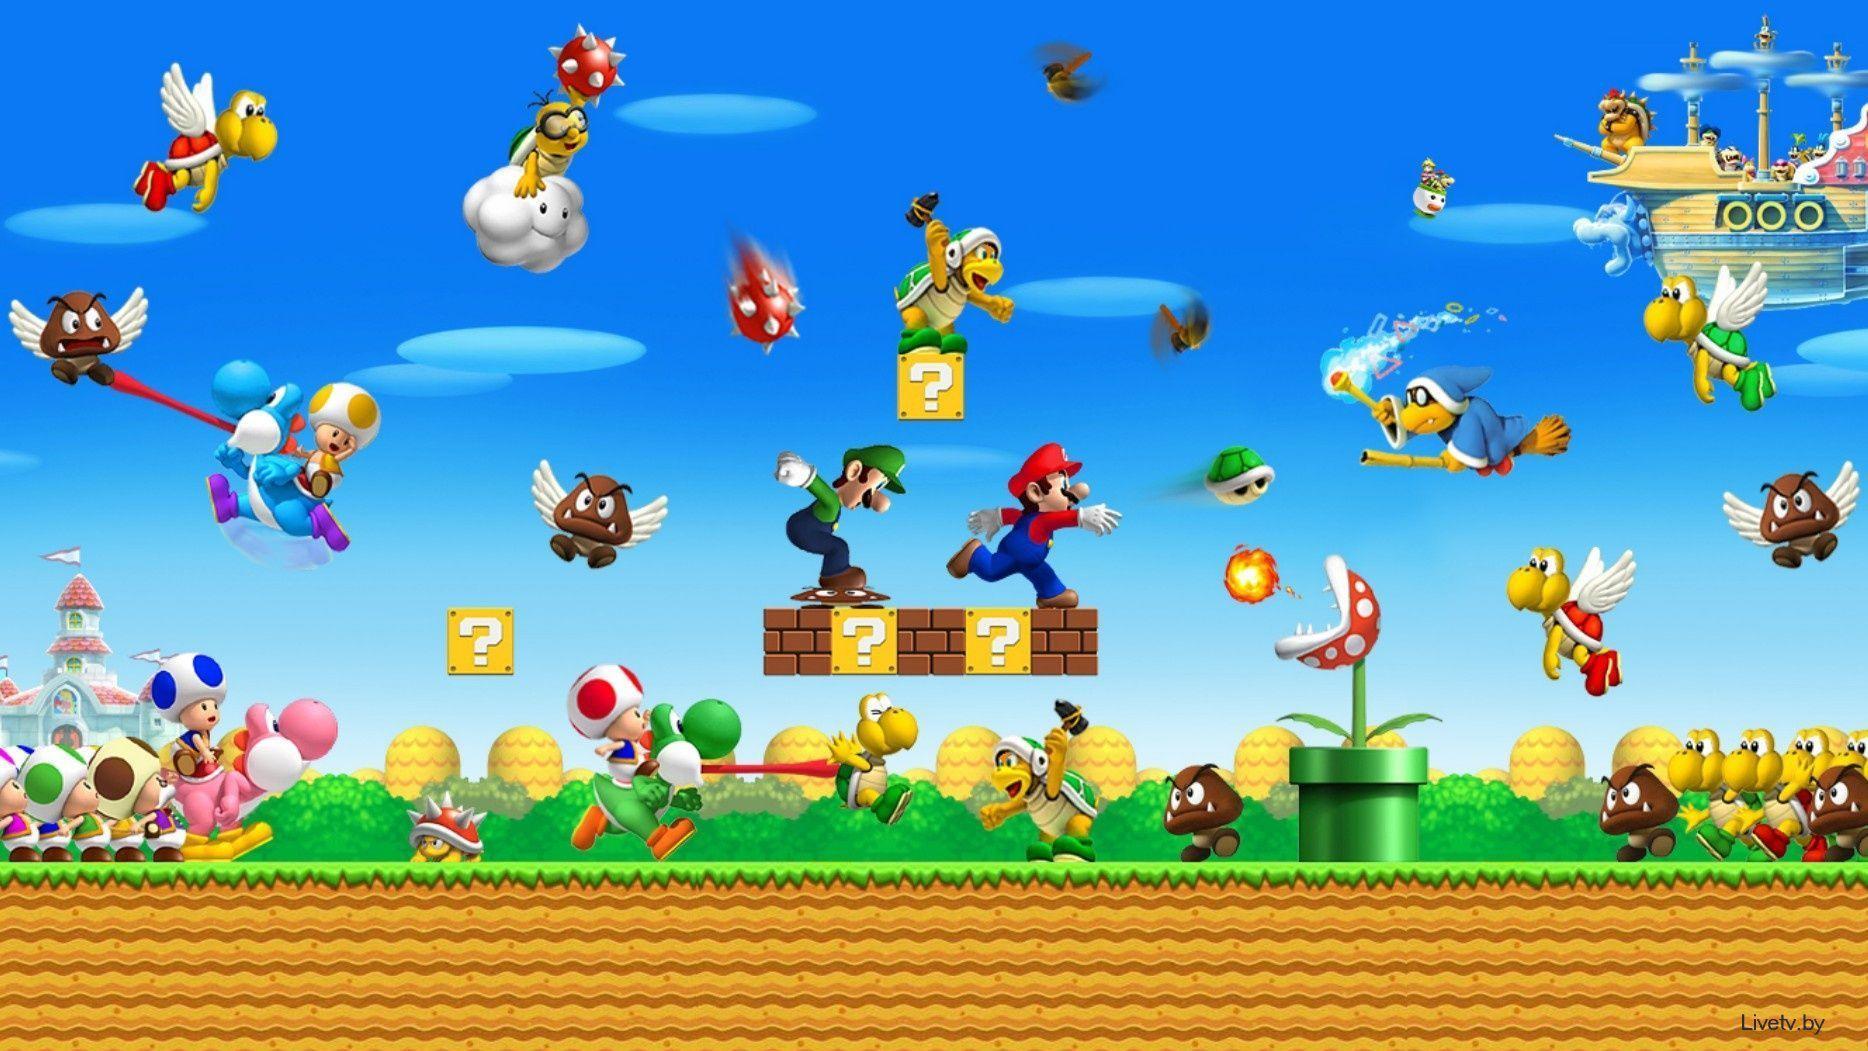 New Super Mario Bros U Wallpapers Top Free New Super Mario Bros